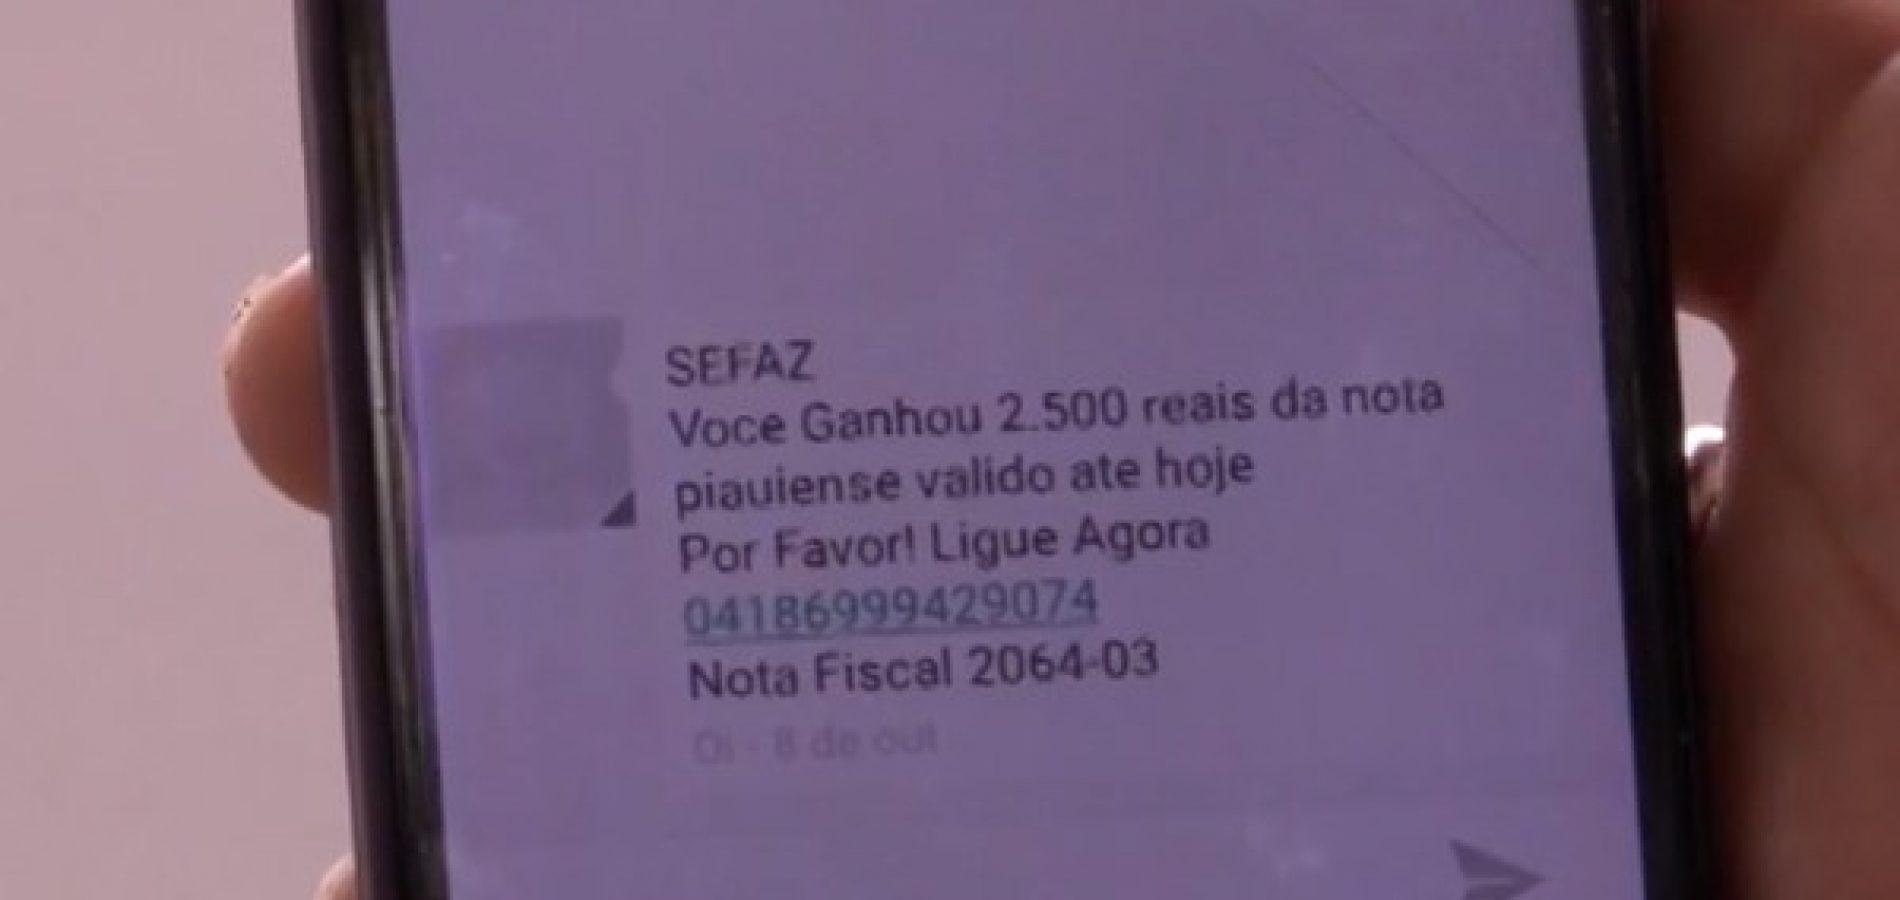 Resultado de imagem para Vítima cai no golpe da 'Nota Piauiense' e transfere R$ 5,5 mil para bandidos